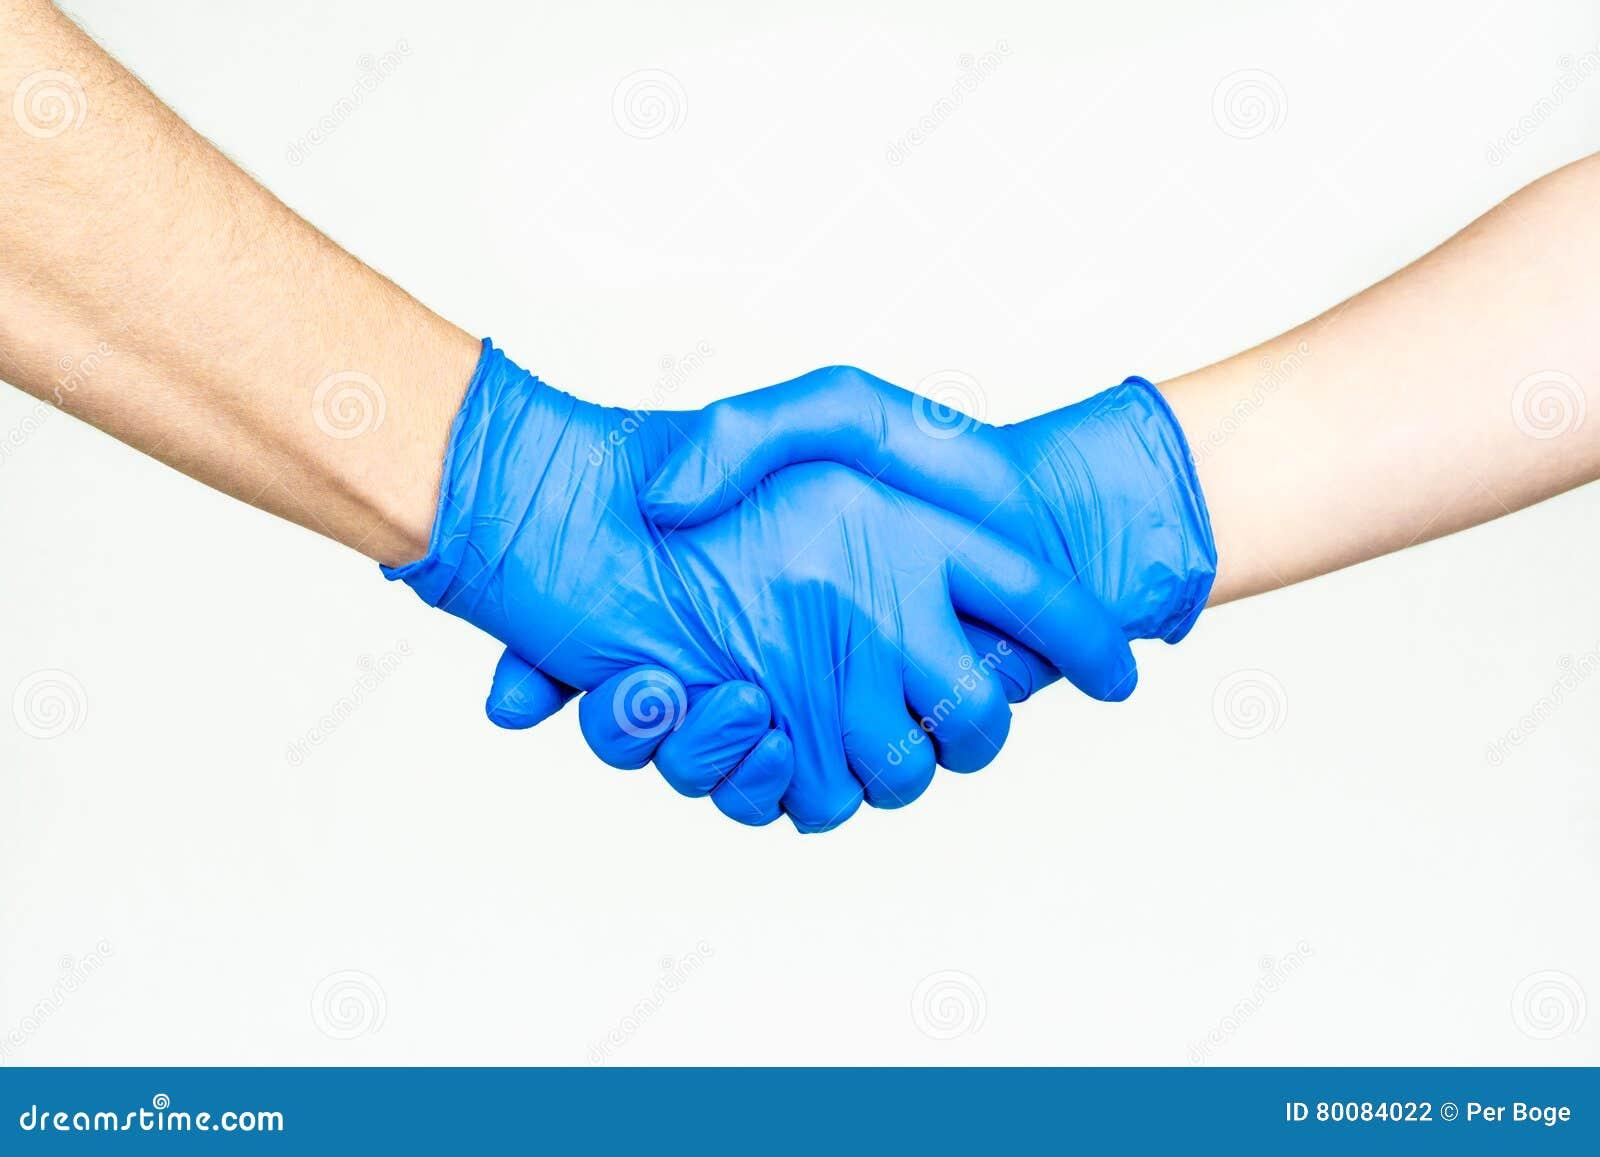 Handskakning med blåa medicinska handskar